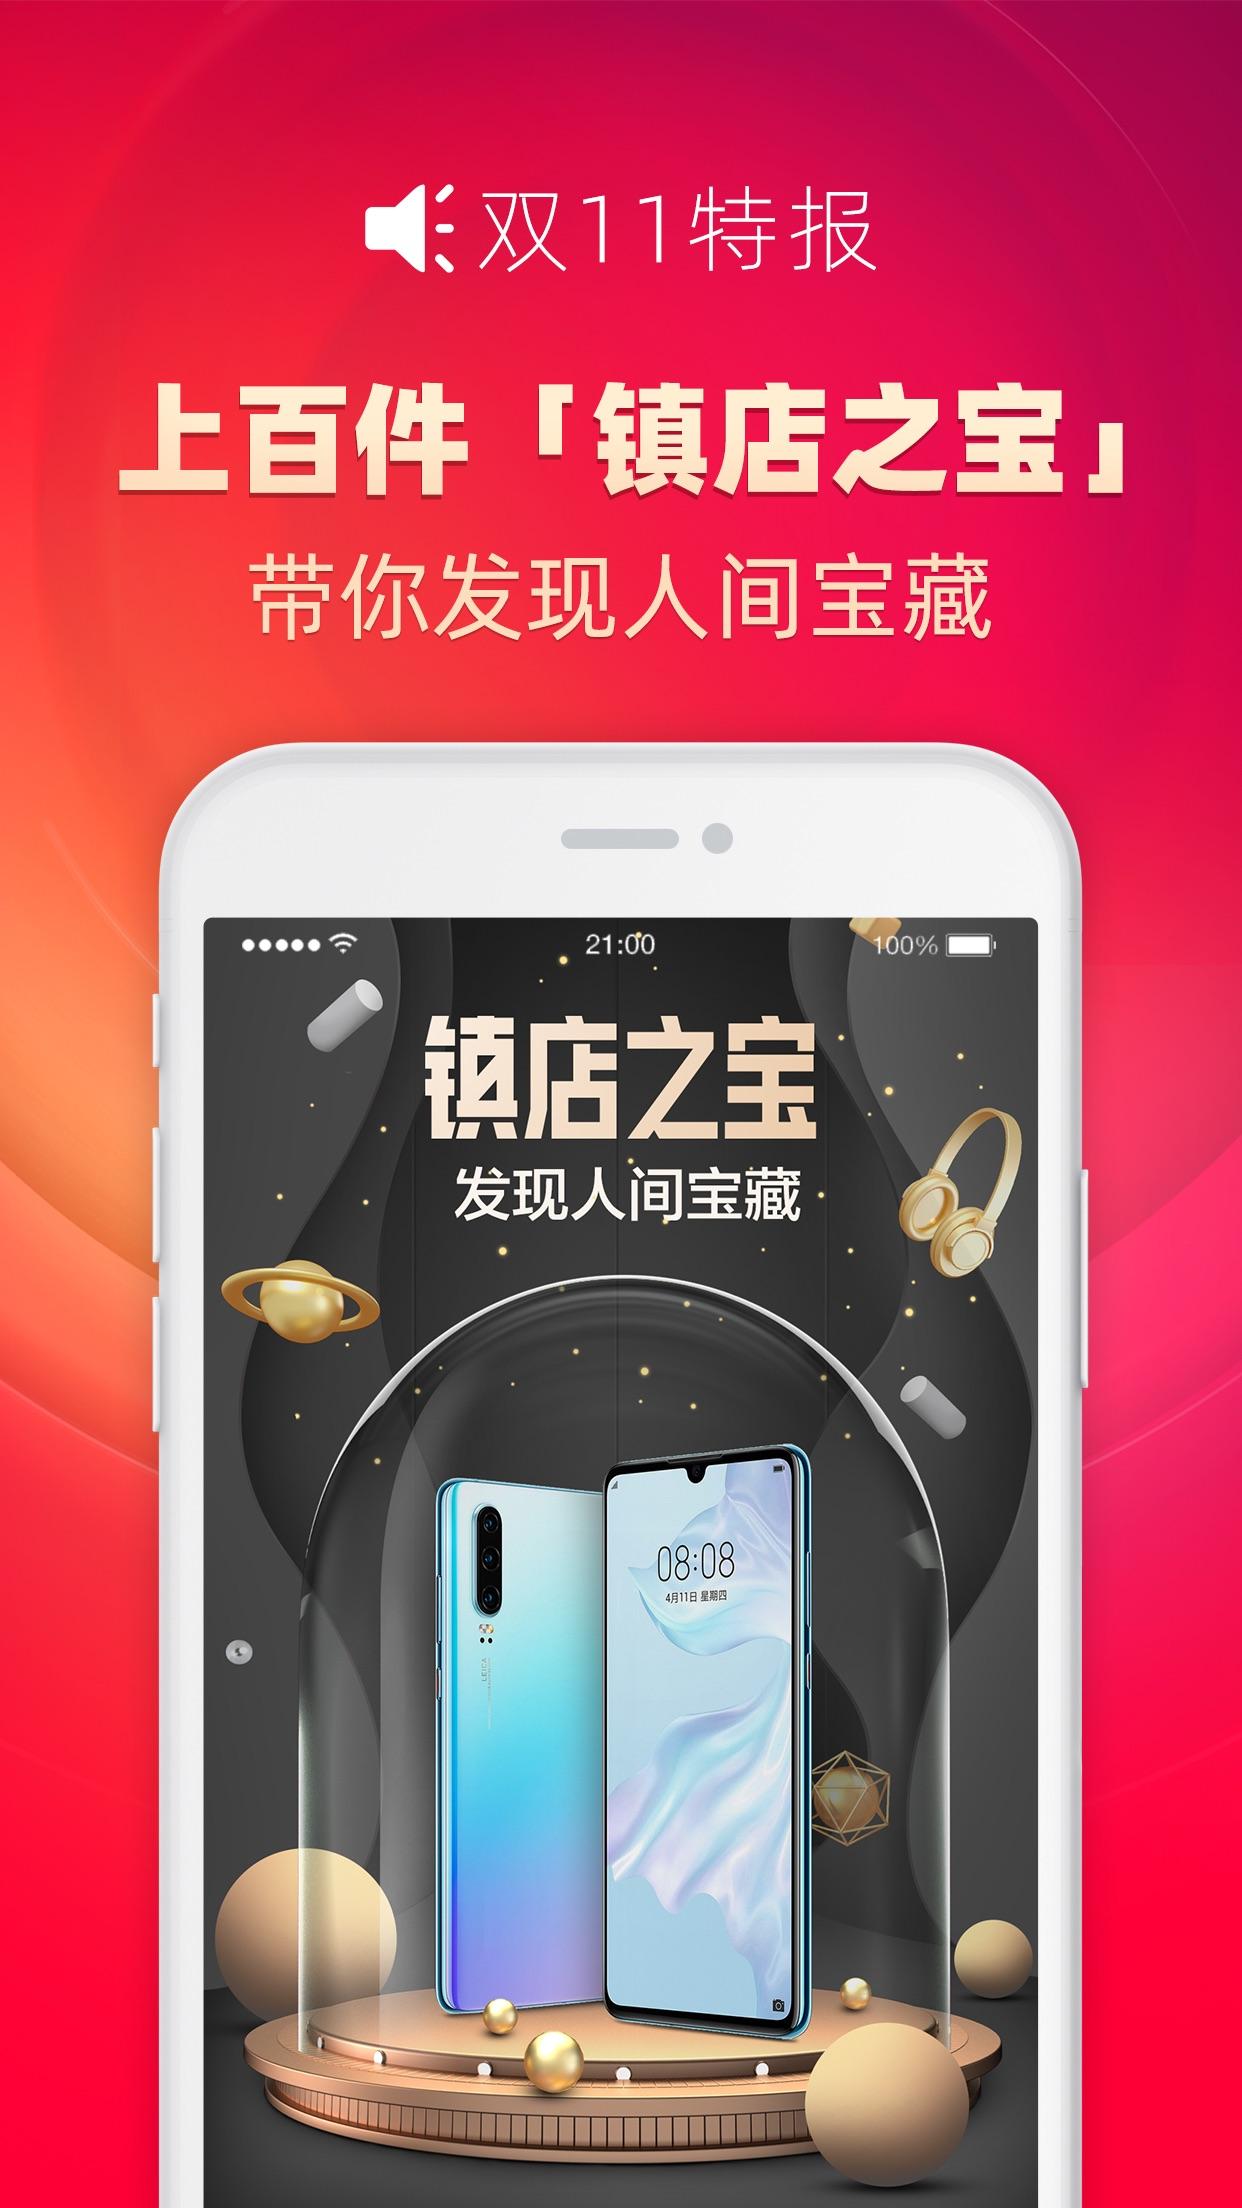 手机天猫-双11全球狂欢节 Screenshot